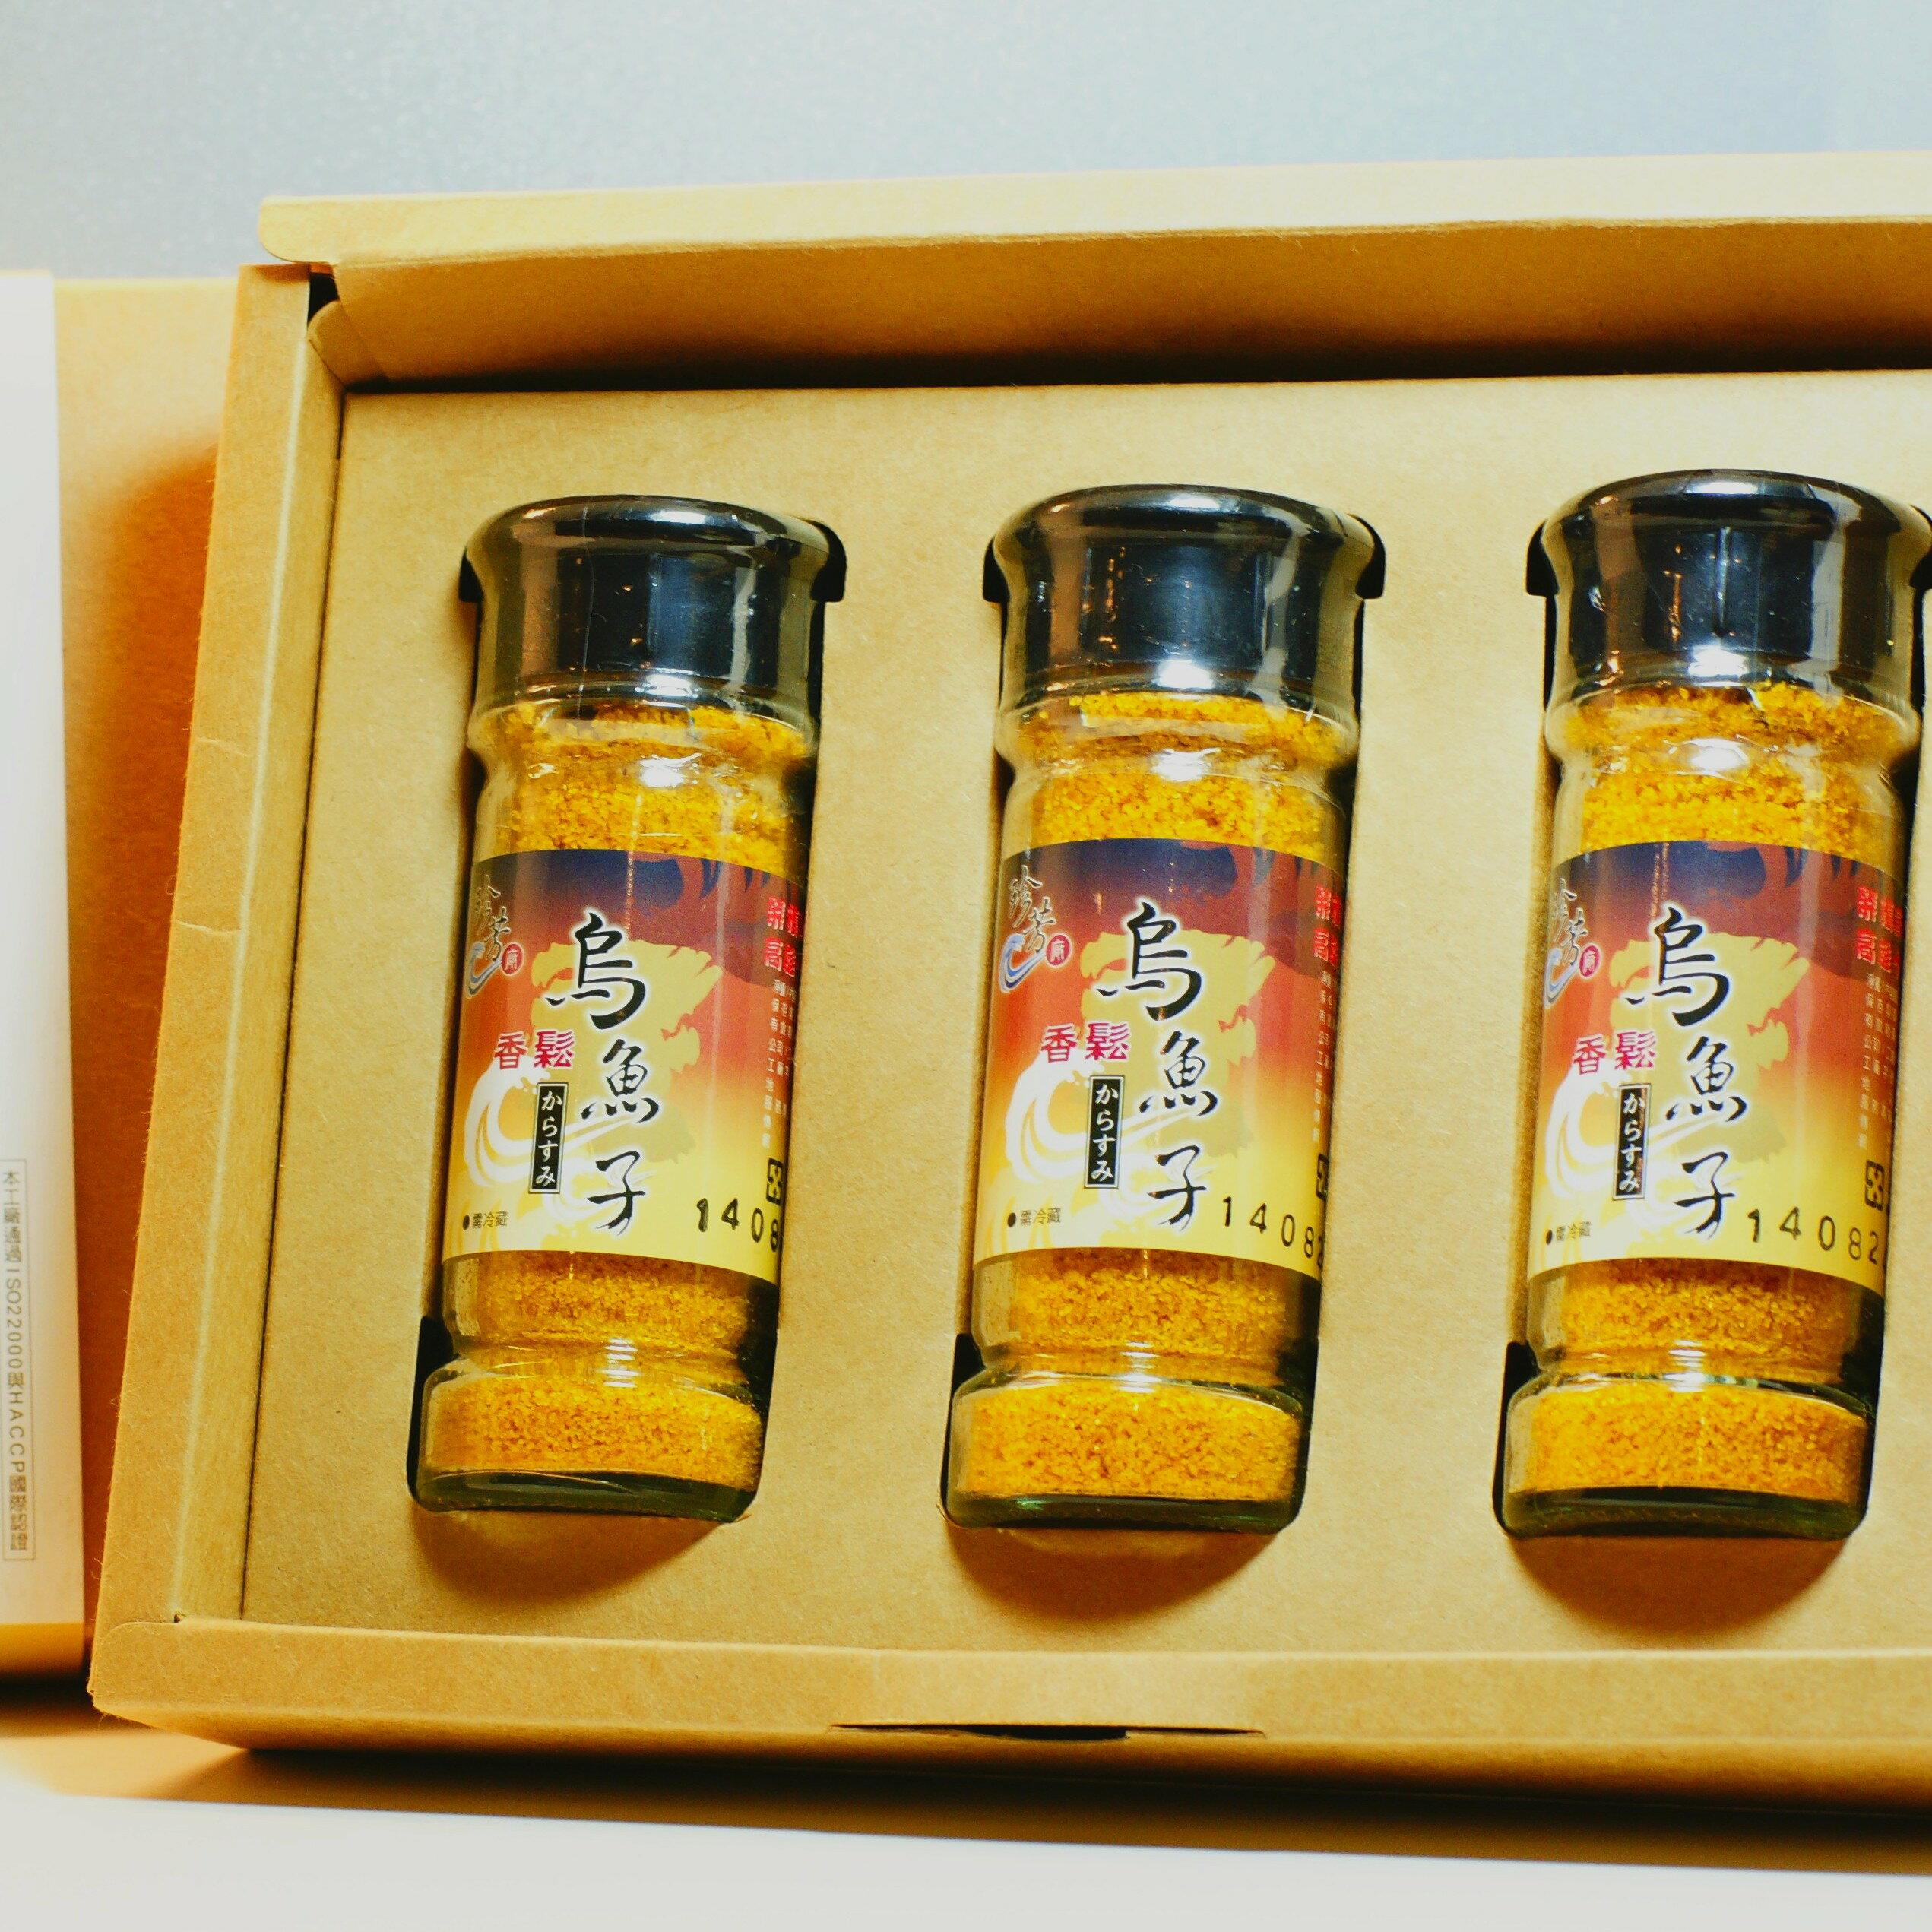 ★食尚玩家推薦★【2012高雄精品】珍芳烏魚子香鬆三瓶裝禮盒